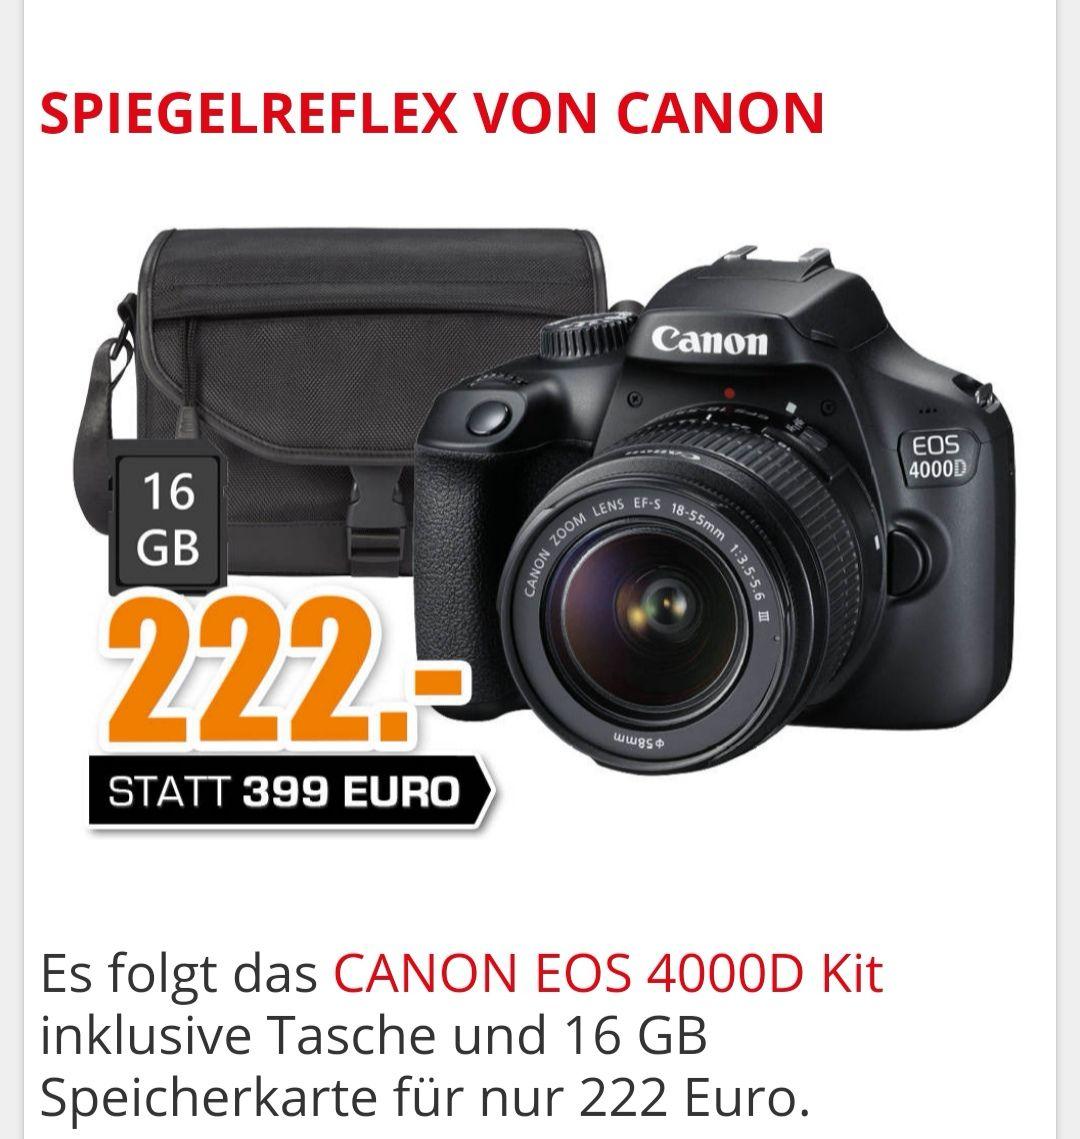 CANON EOS 4000D KIT Spiegelreflexkamera 18-55 MM OBJEKTIV INKL. TASCHE für 222€ [Lokal Saturn Chemnitz]